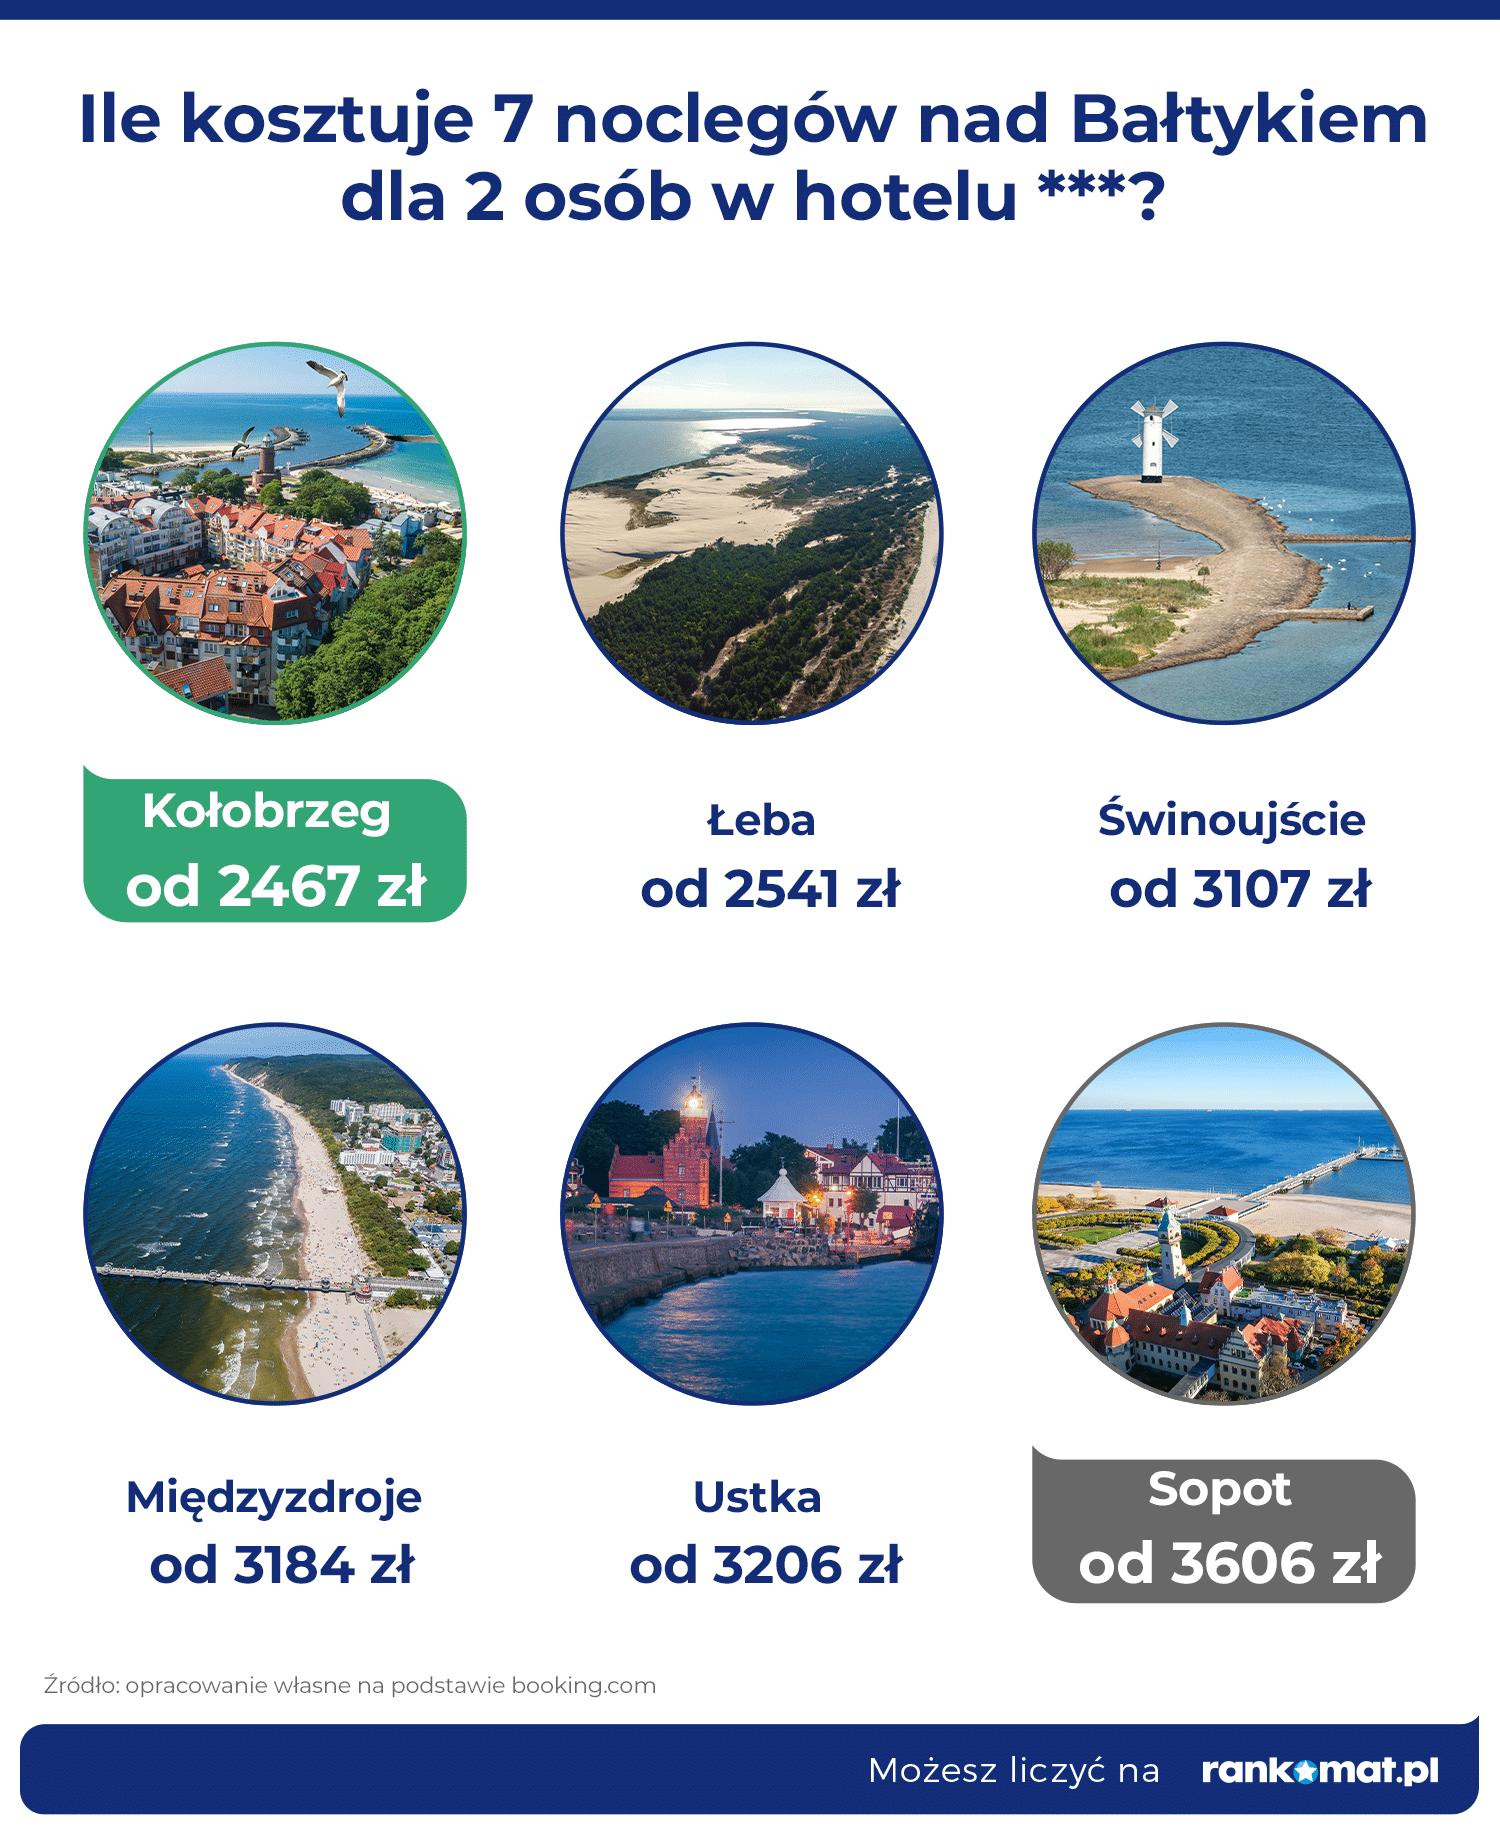 Ceny w hotelu_Bałtyk